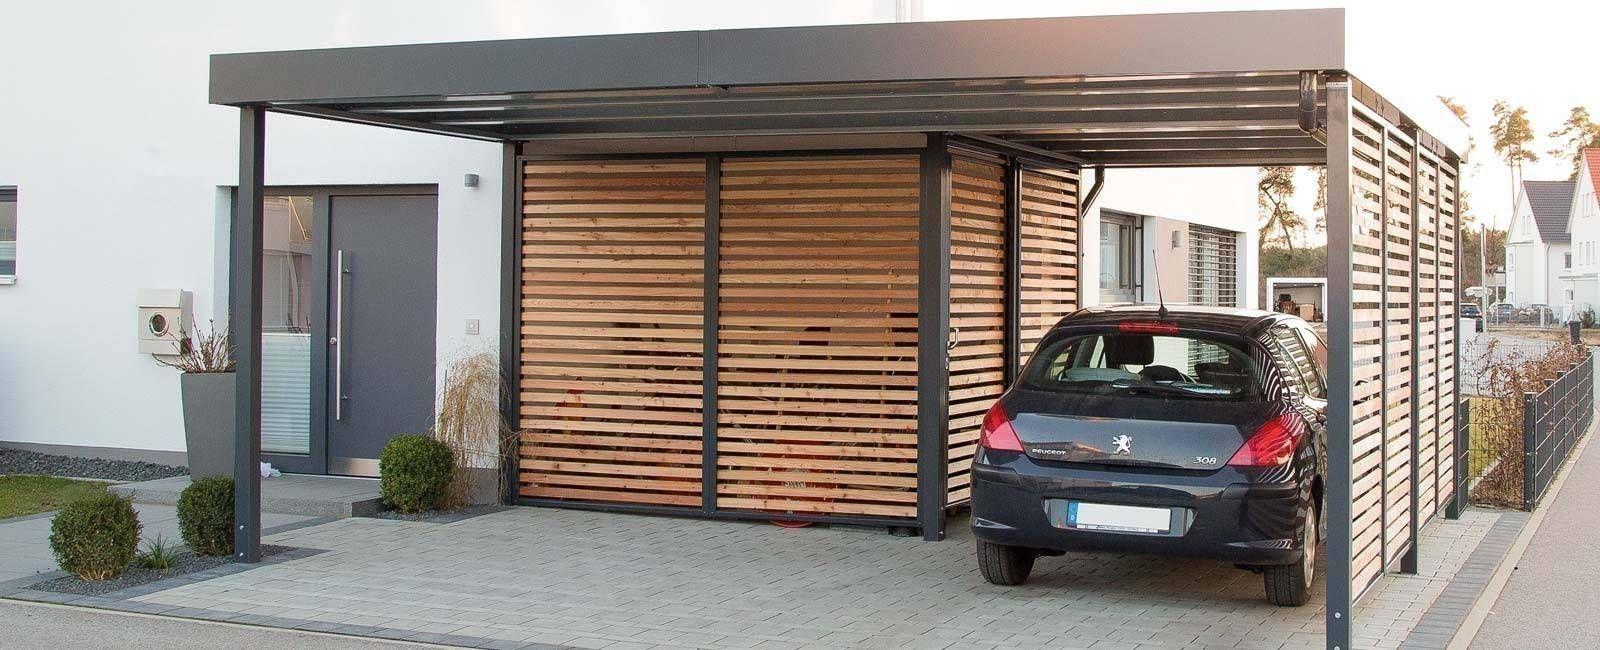 Carport mit integriertem geräteraum moderne garagen